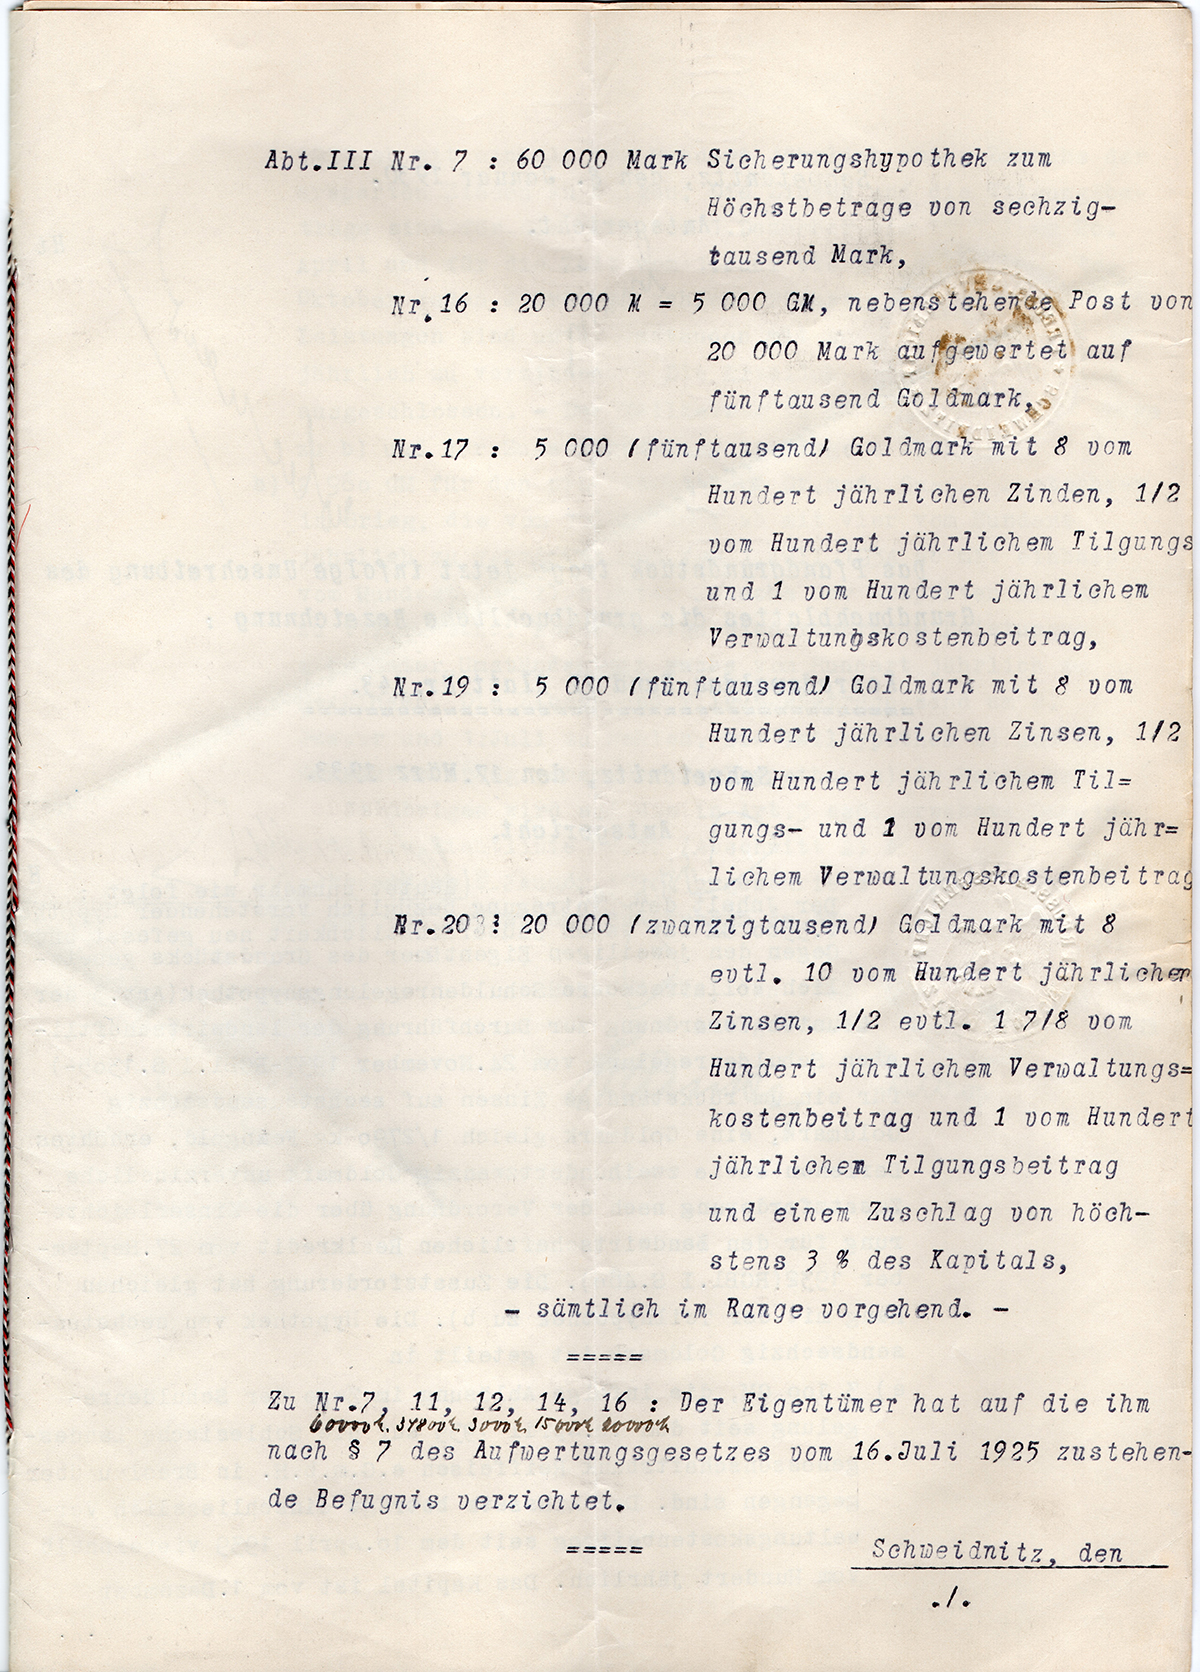 Pożyczka hipoteczna mieszkańca Konradswaldau Martina Langera 1929 (3)